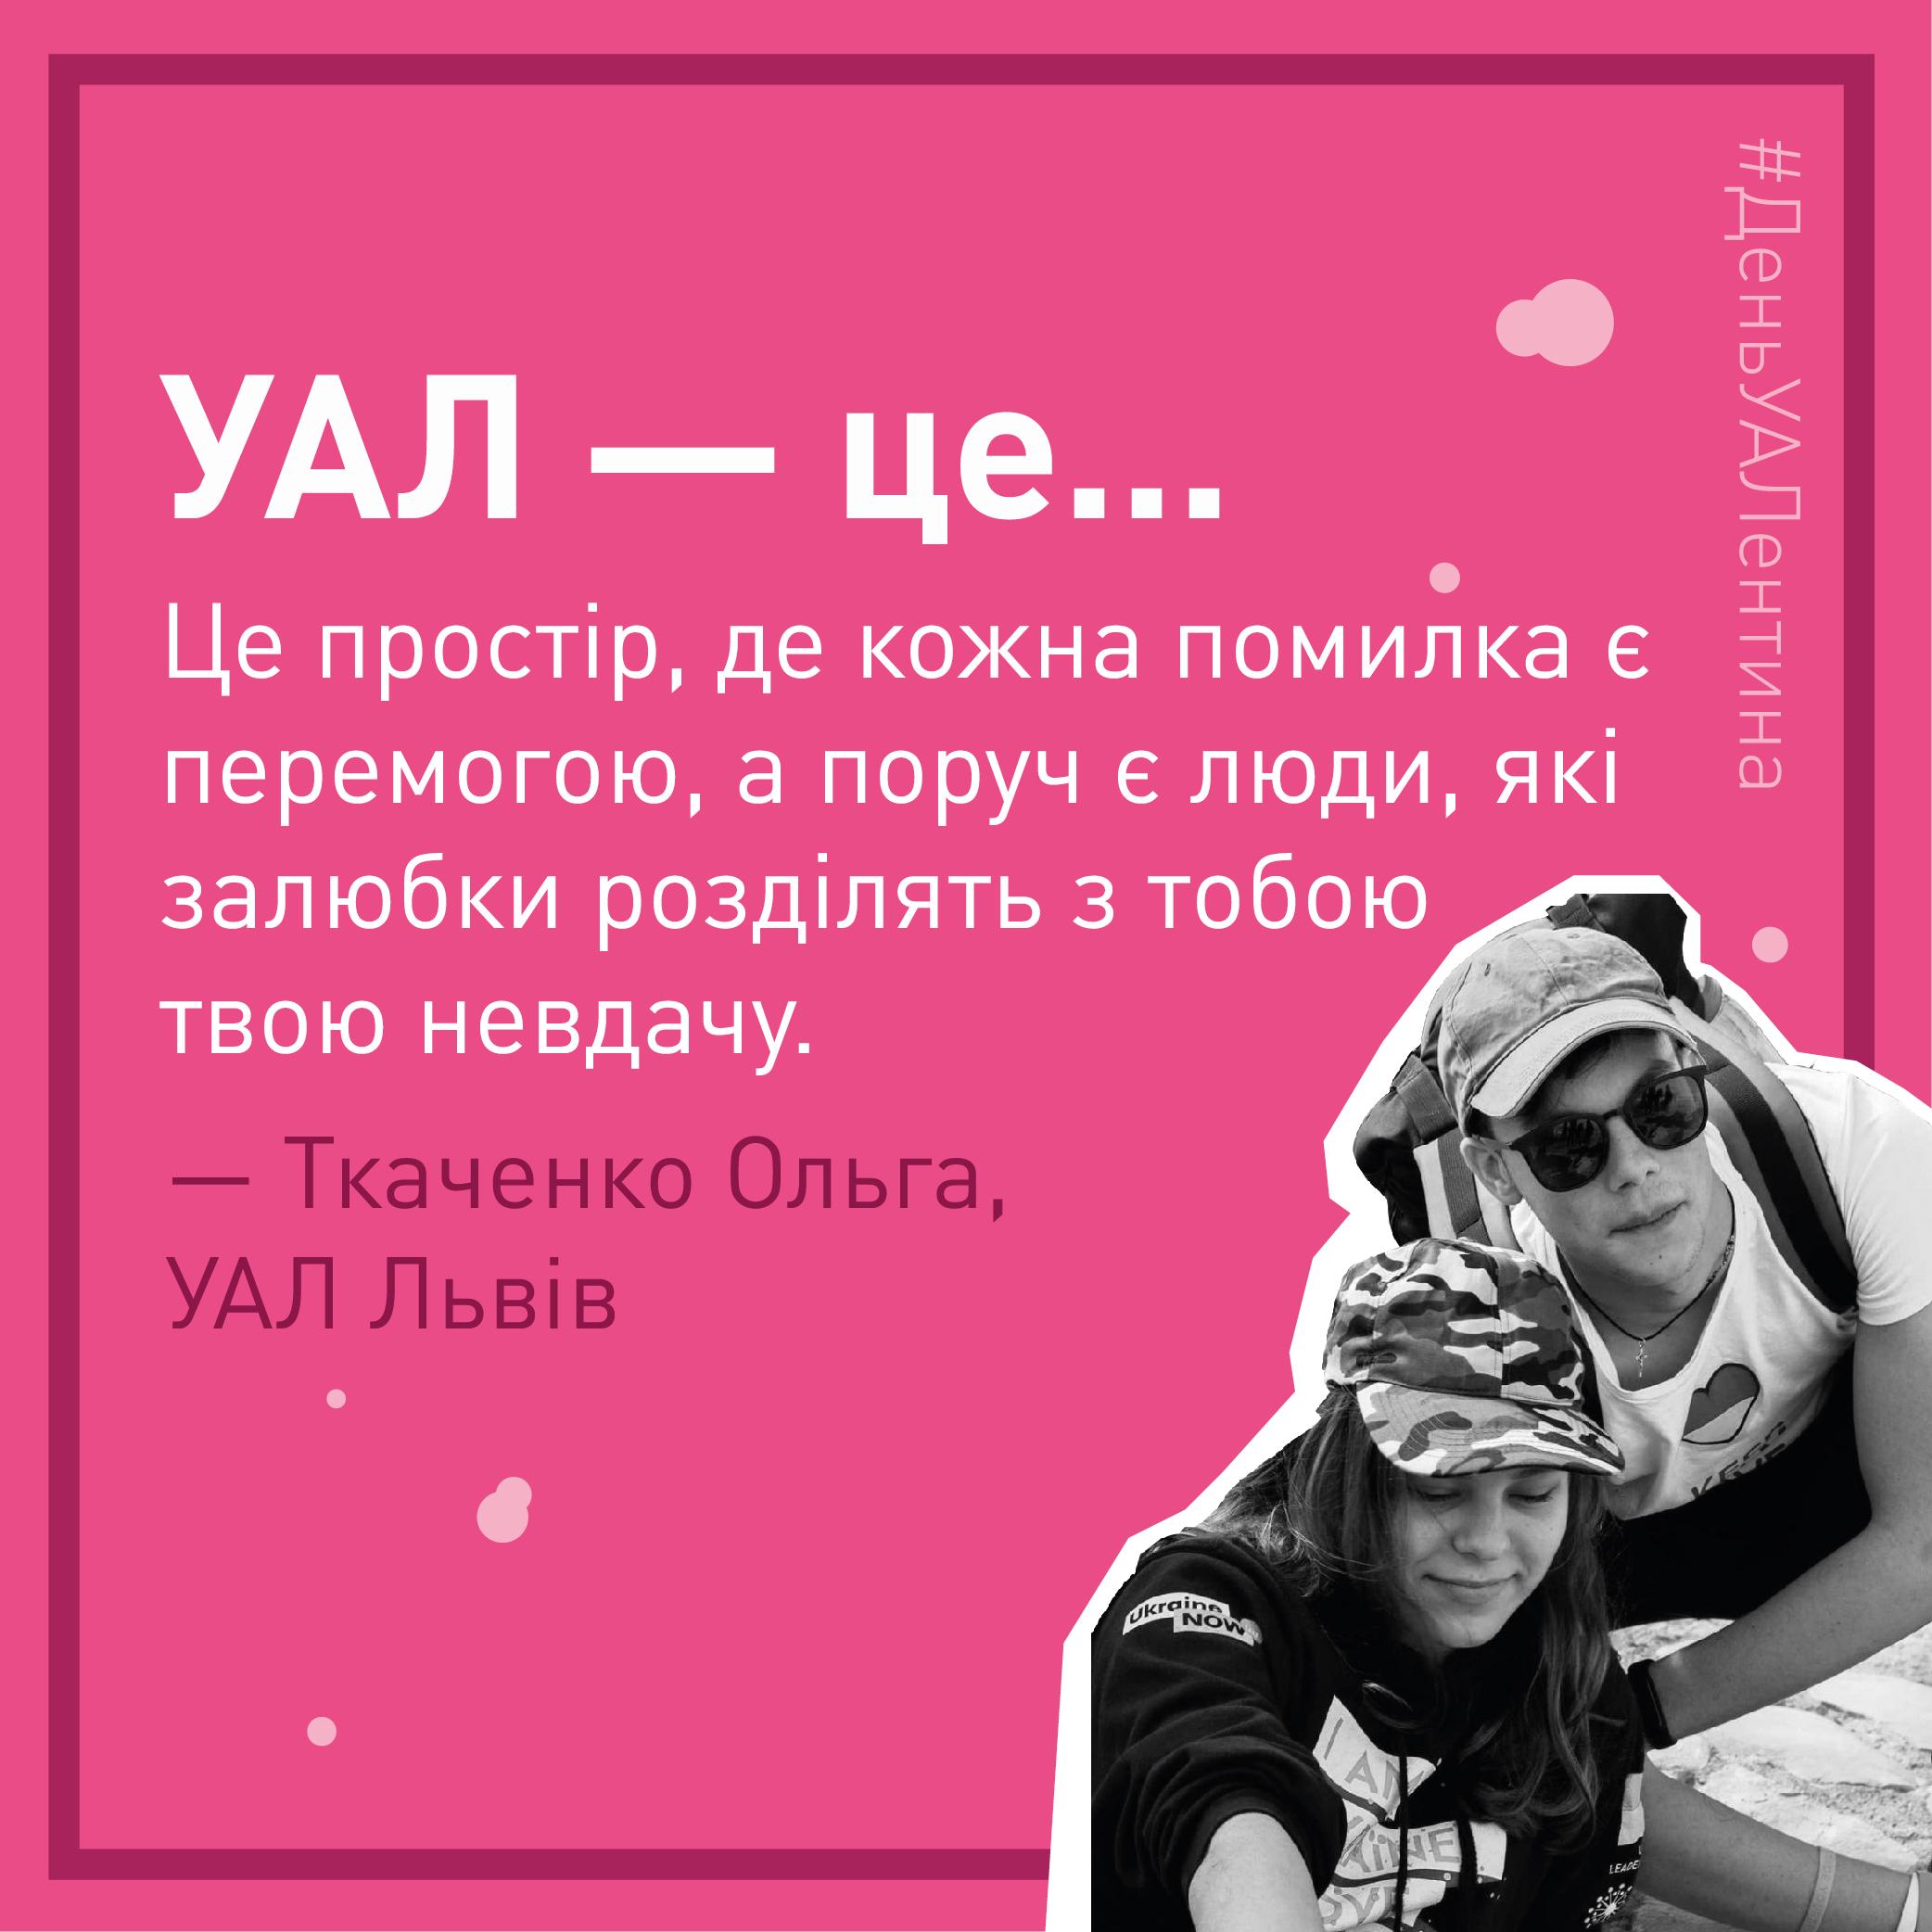 Фото Дизайн для Громадської організації 2